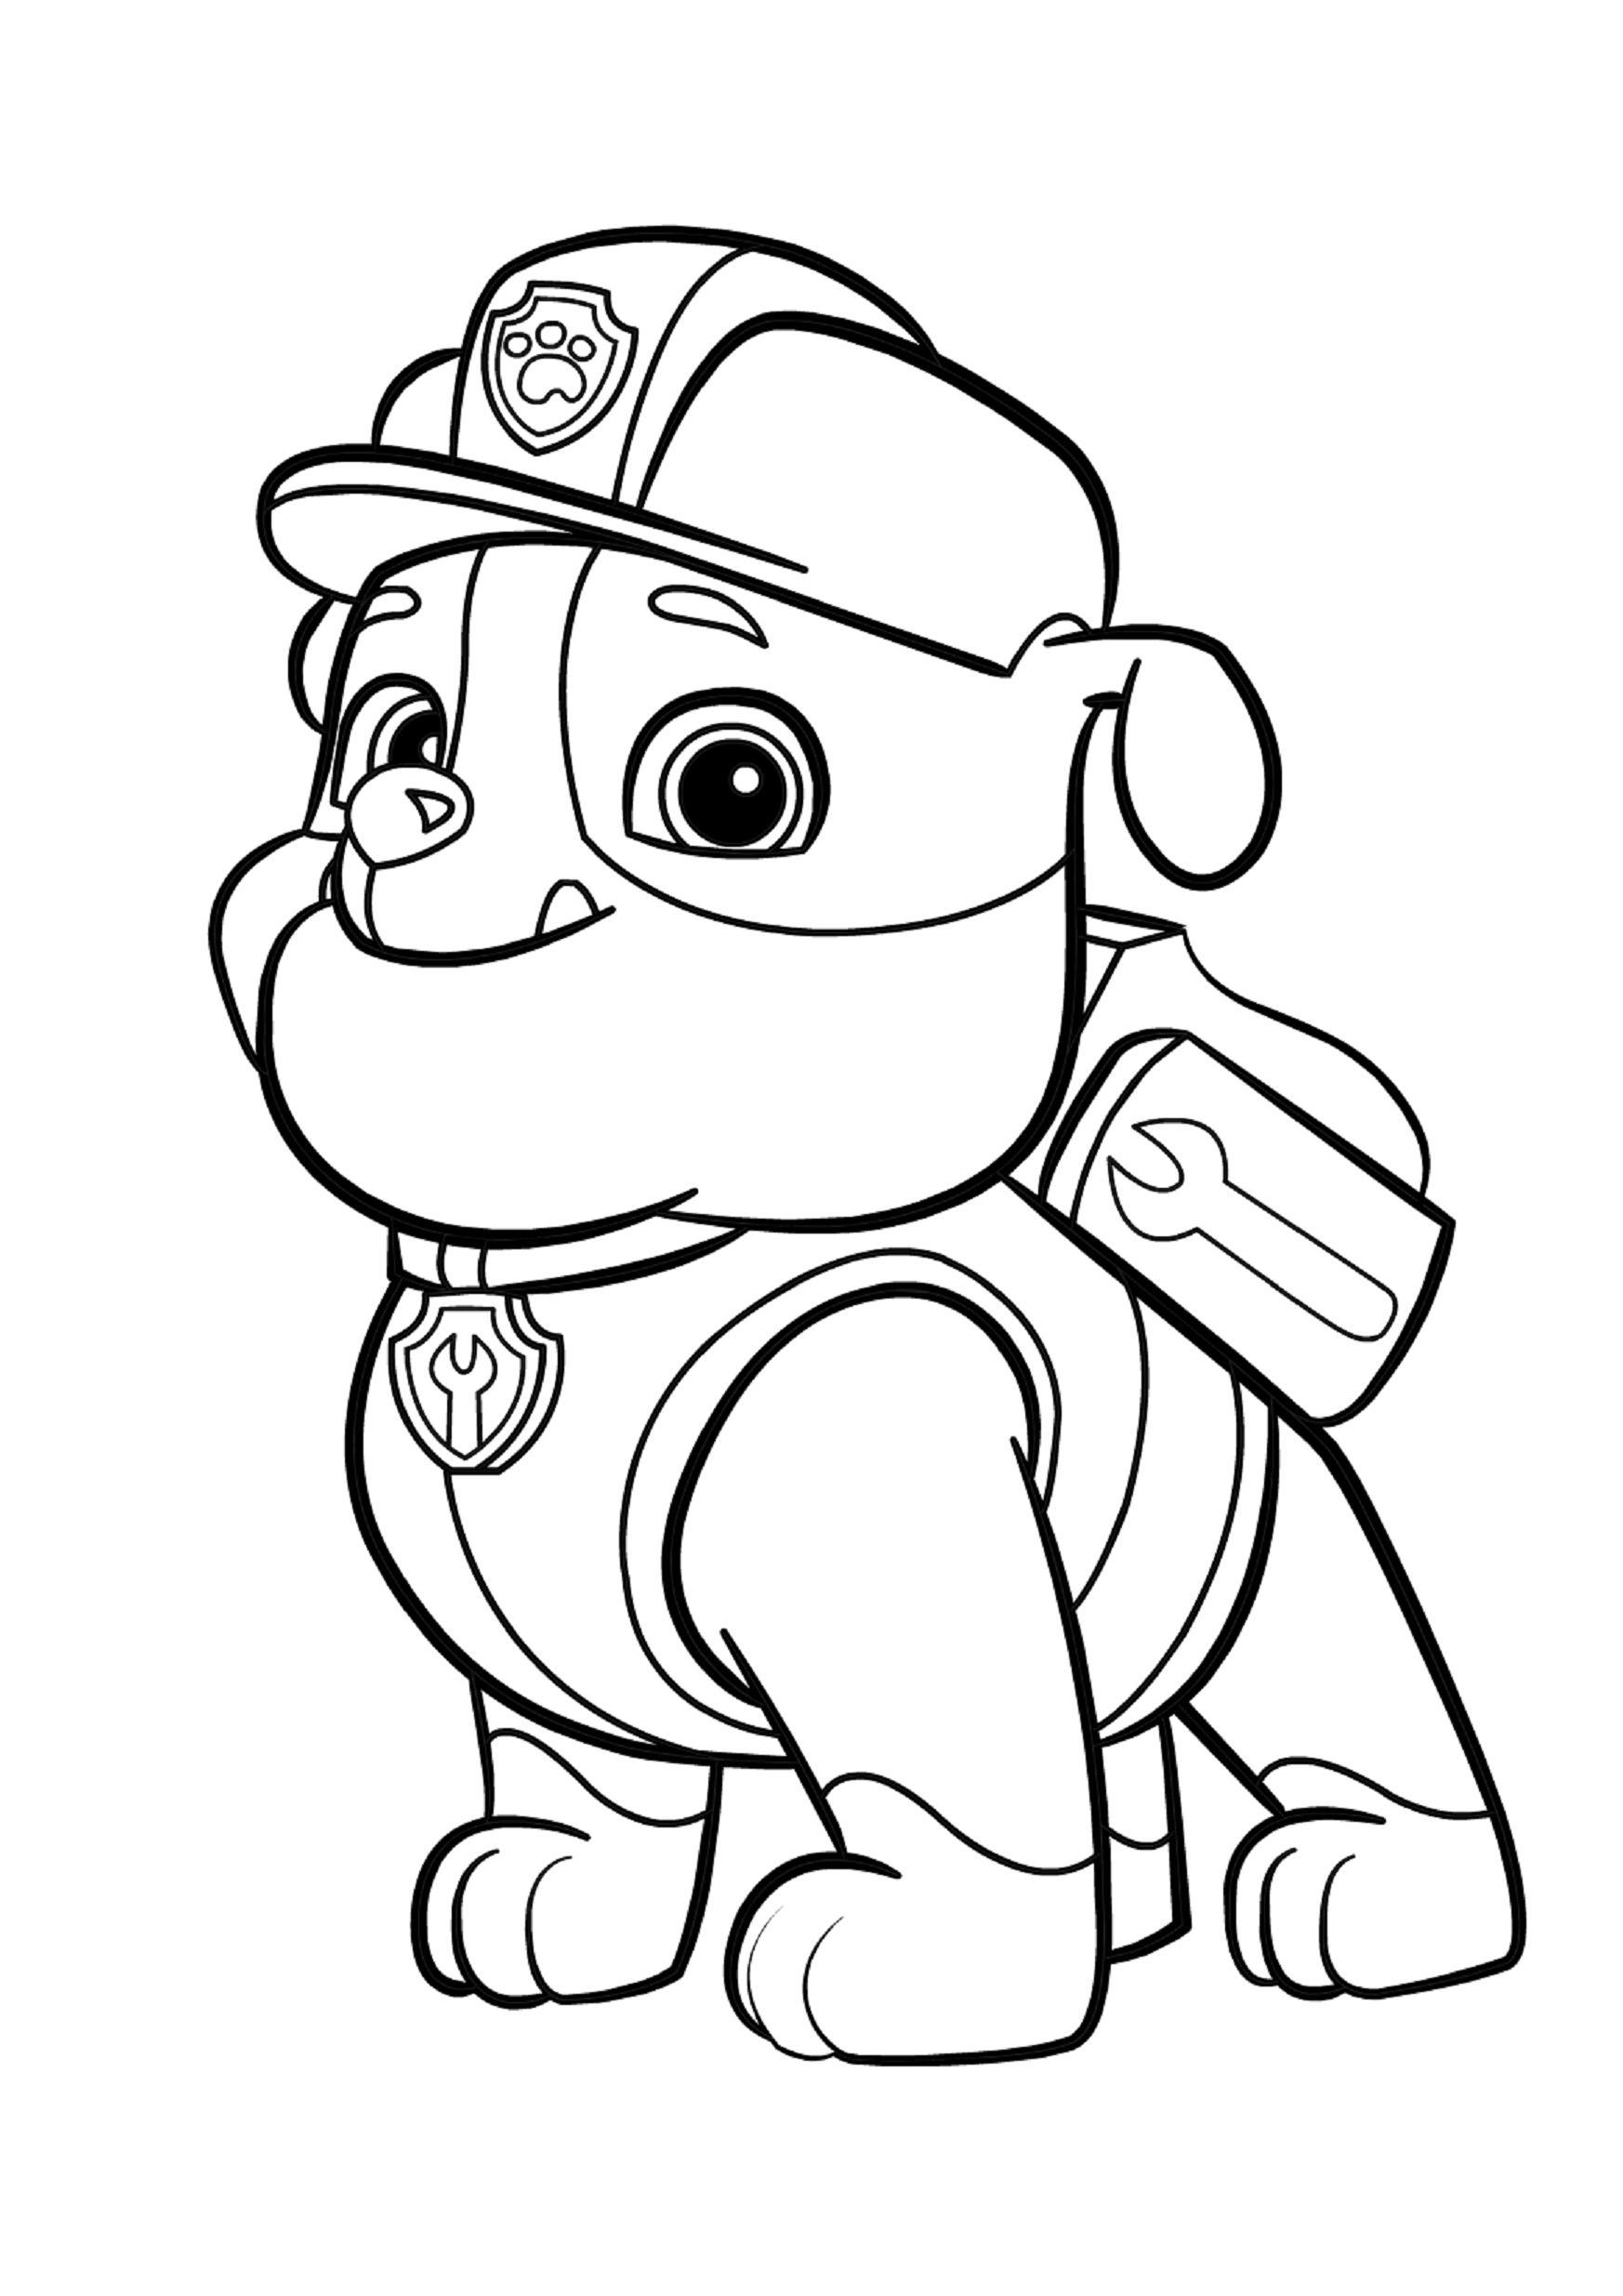 Игра раскраска для детей щенячий патруль